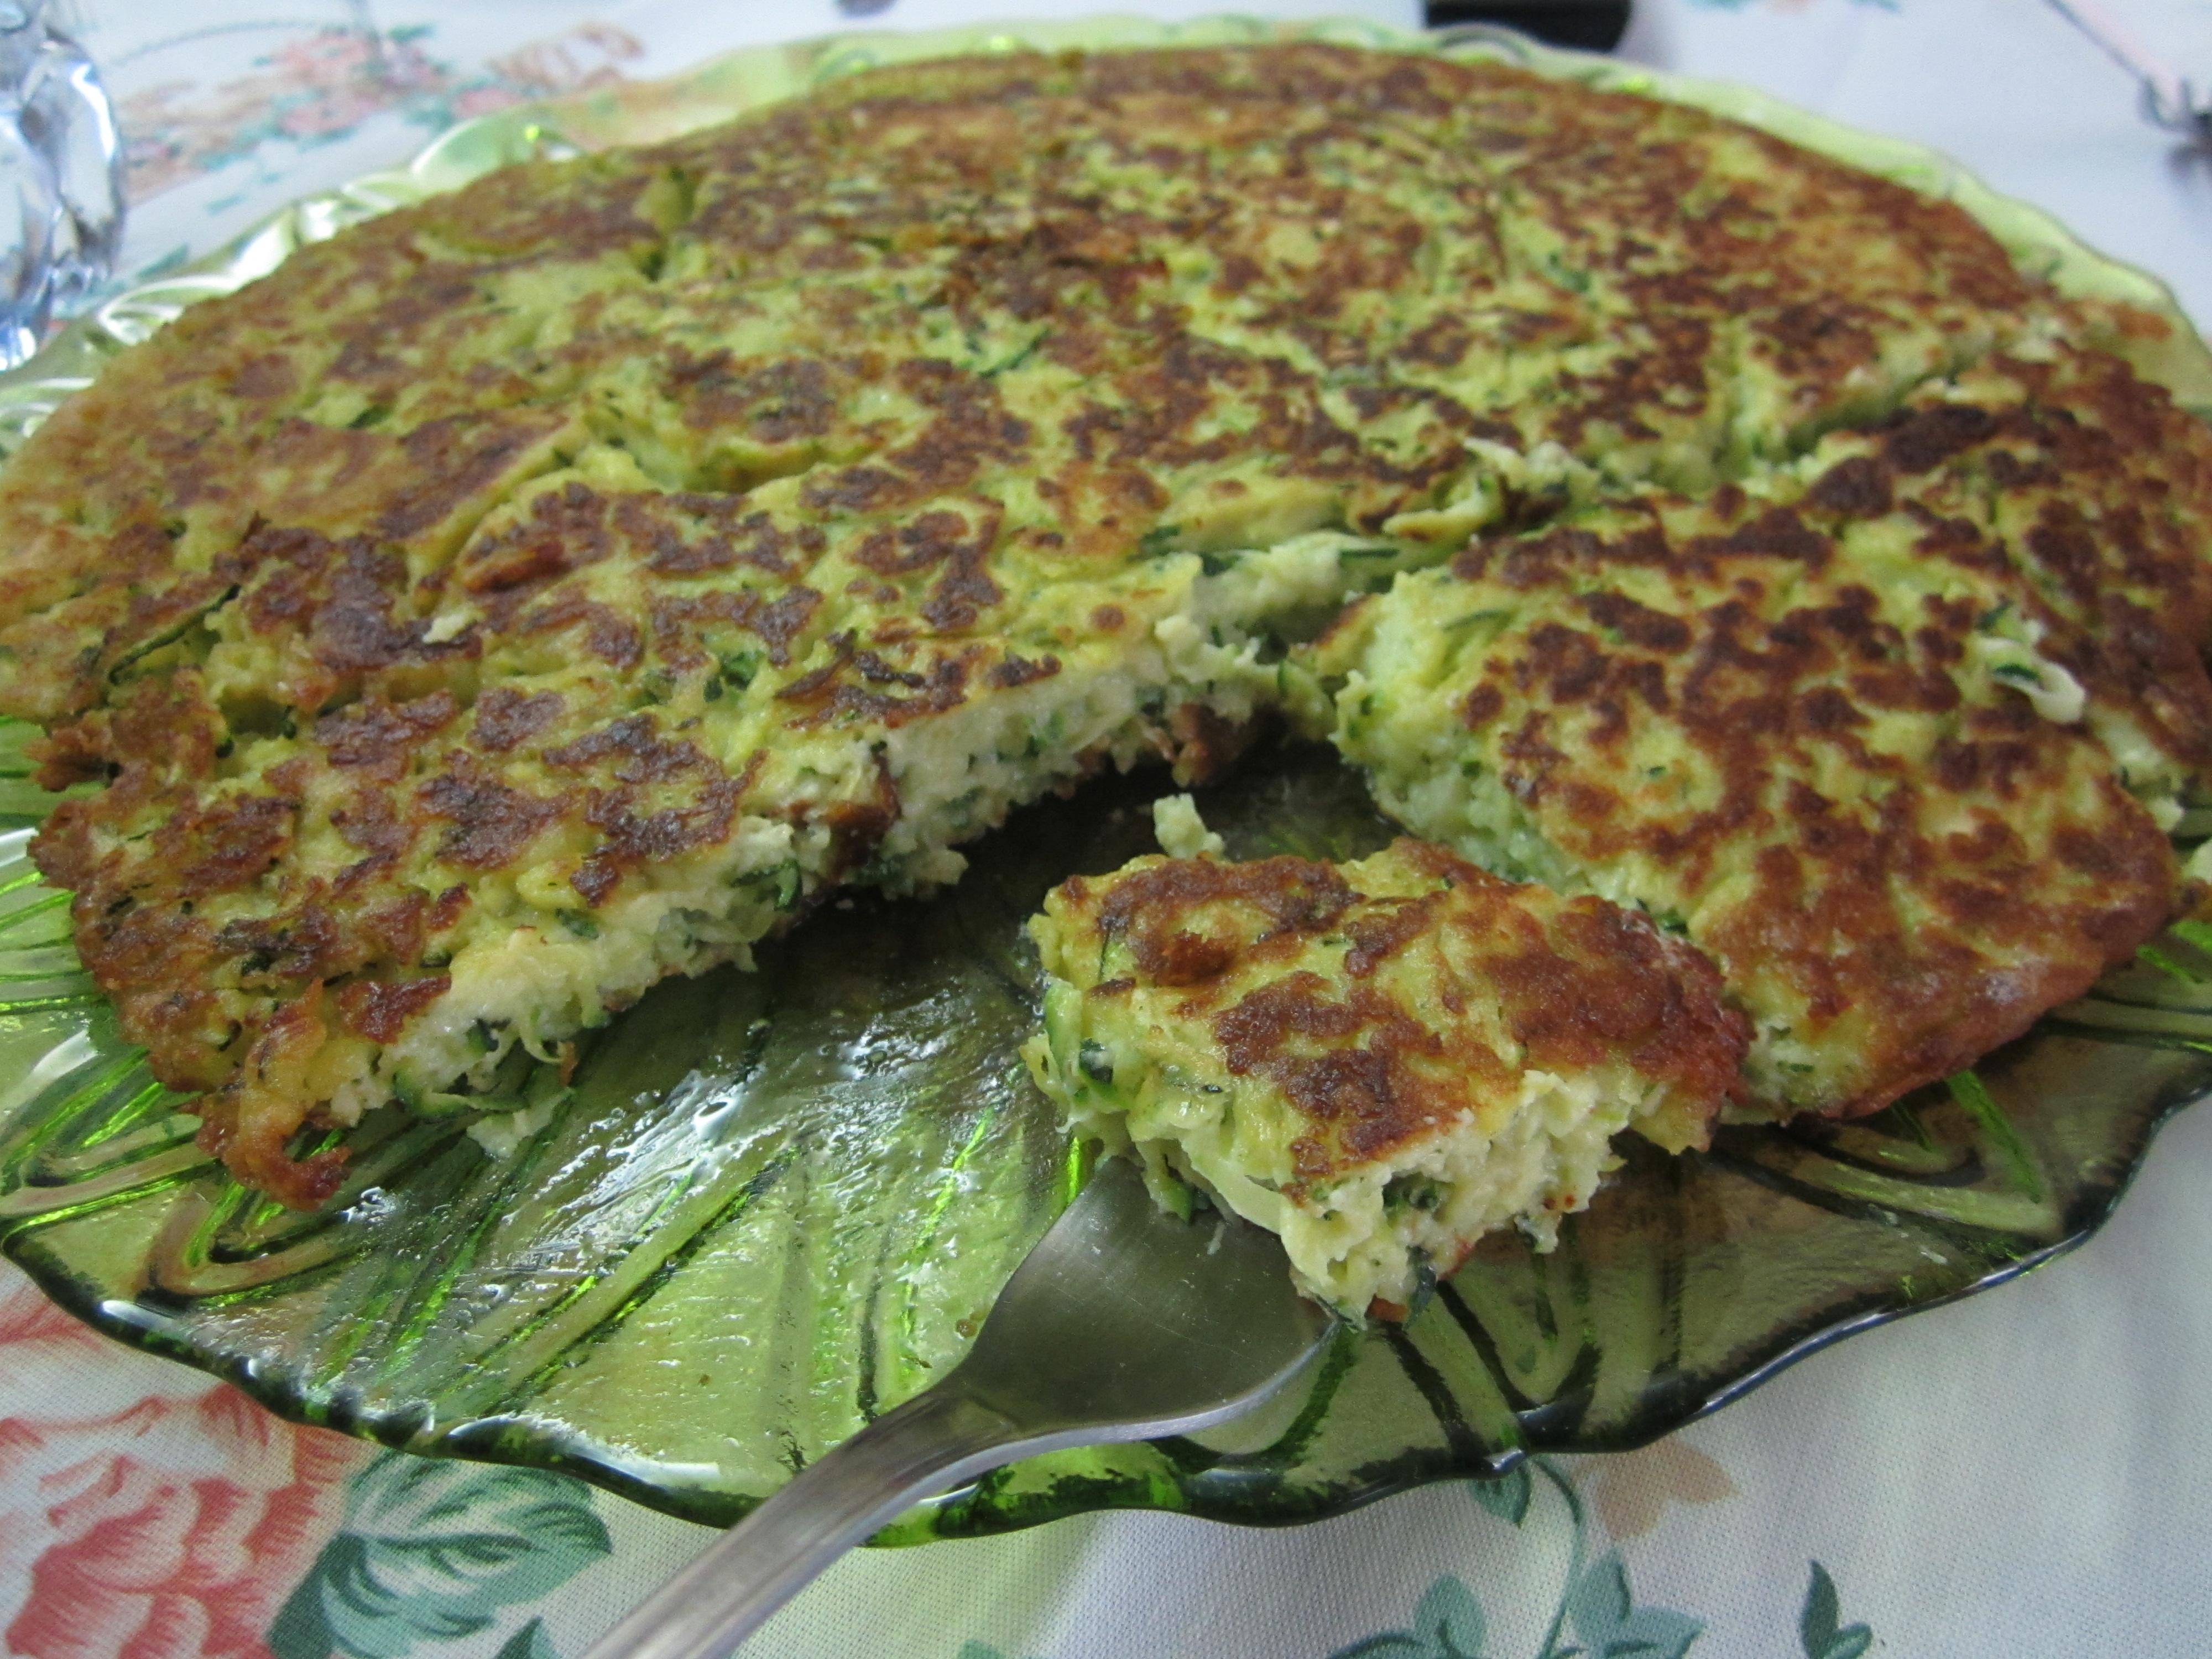 Frittata di zucchine le meraviglie di cicettale for Cucinare zucchine in padella